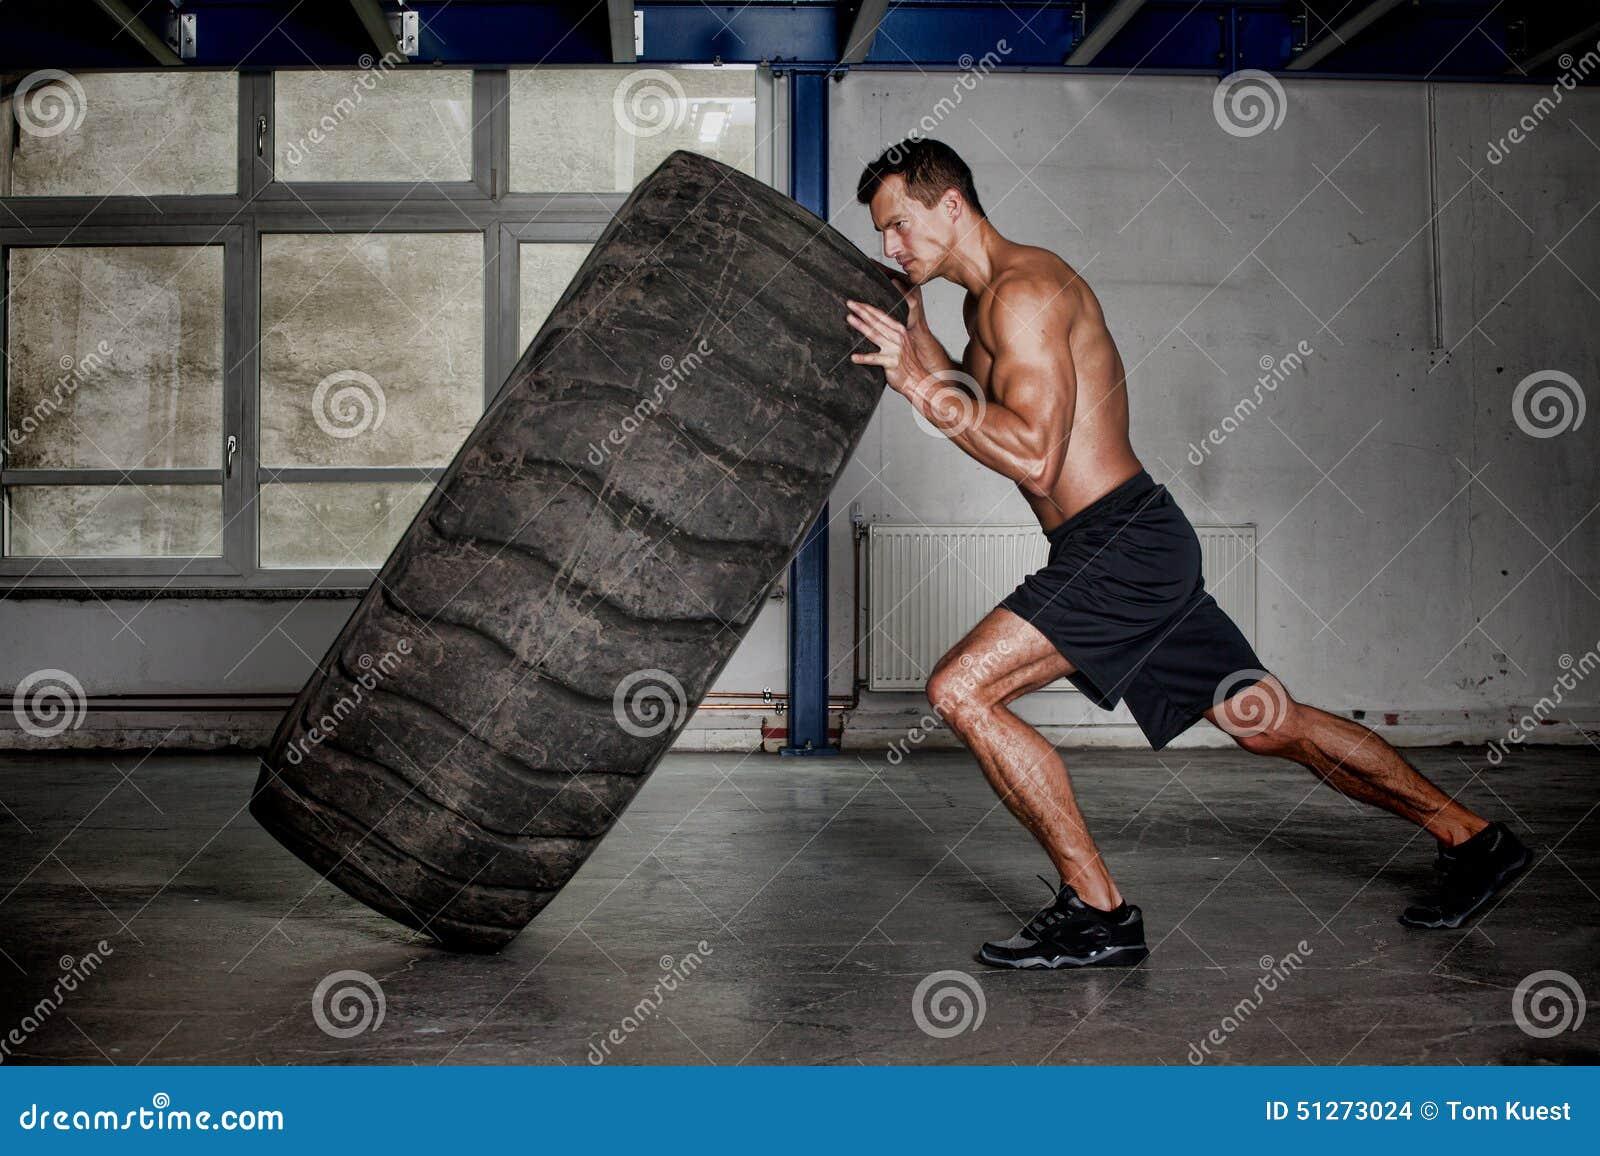 Crossfit utbildning - man som bläddrar gummihjulet